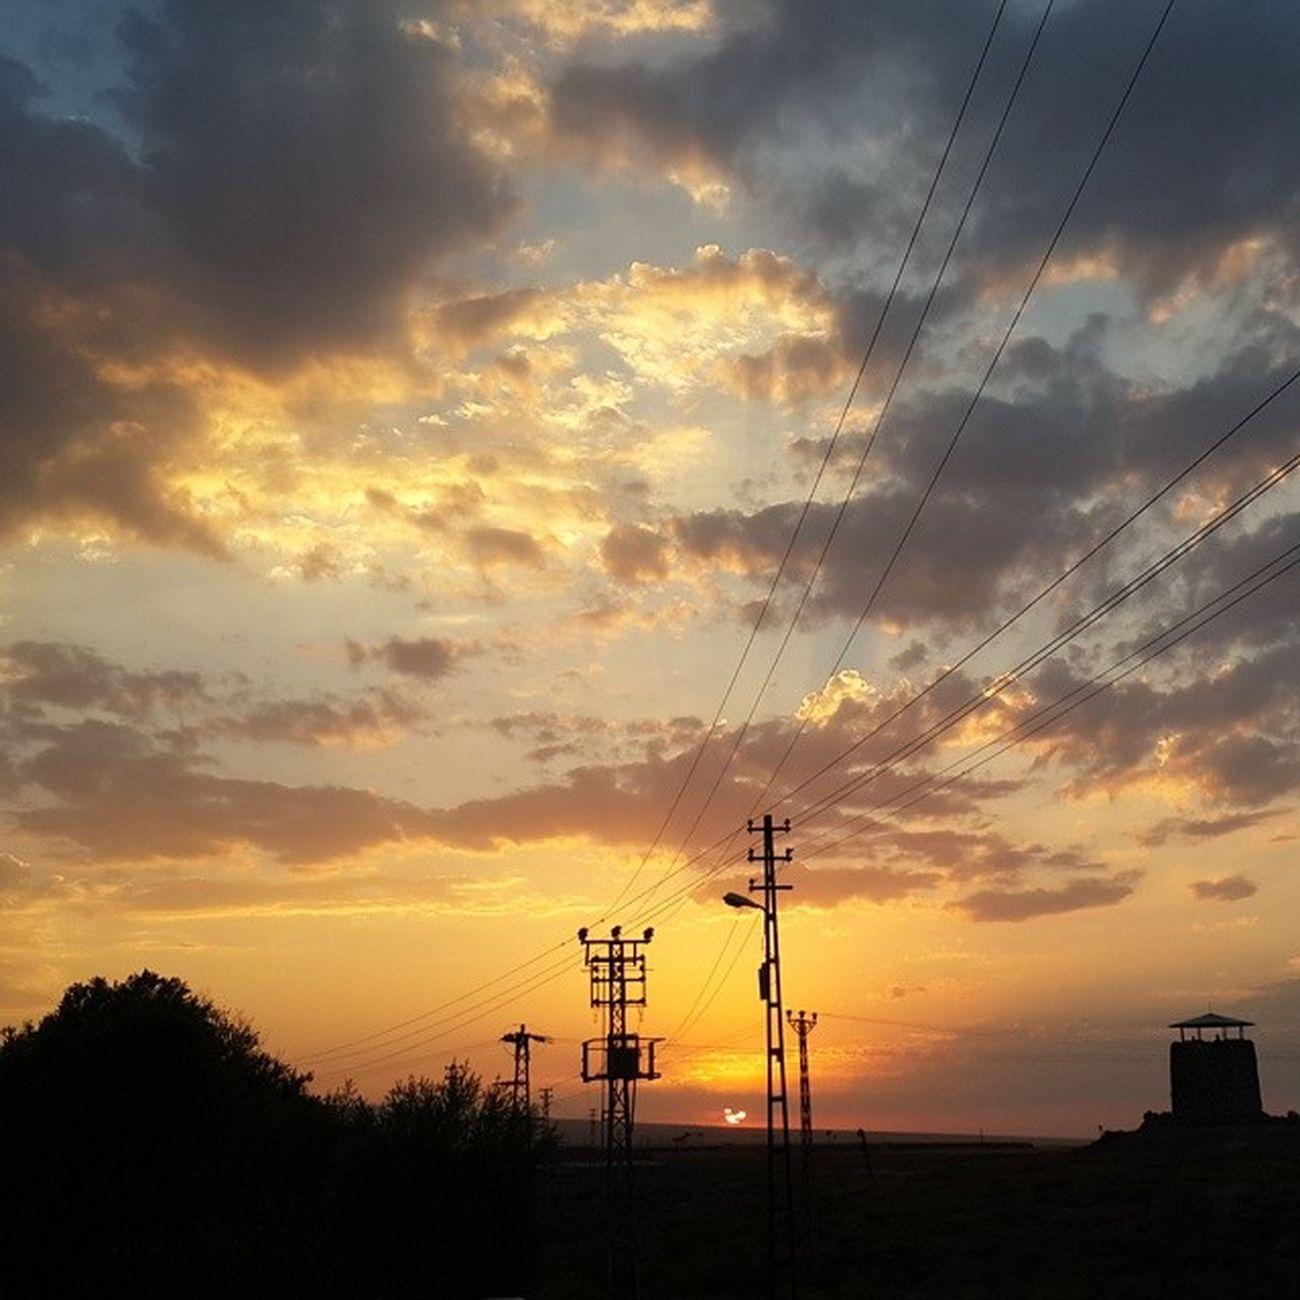 Okanturanphotography Gun Batımı Gunes bulutlar elektrik teli ters ışık son gün